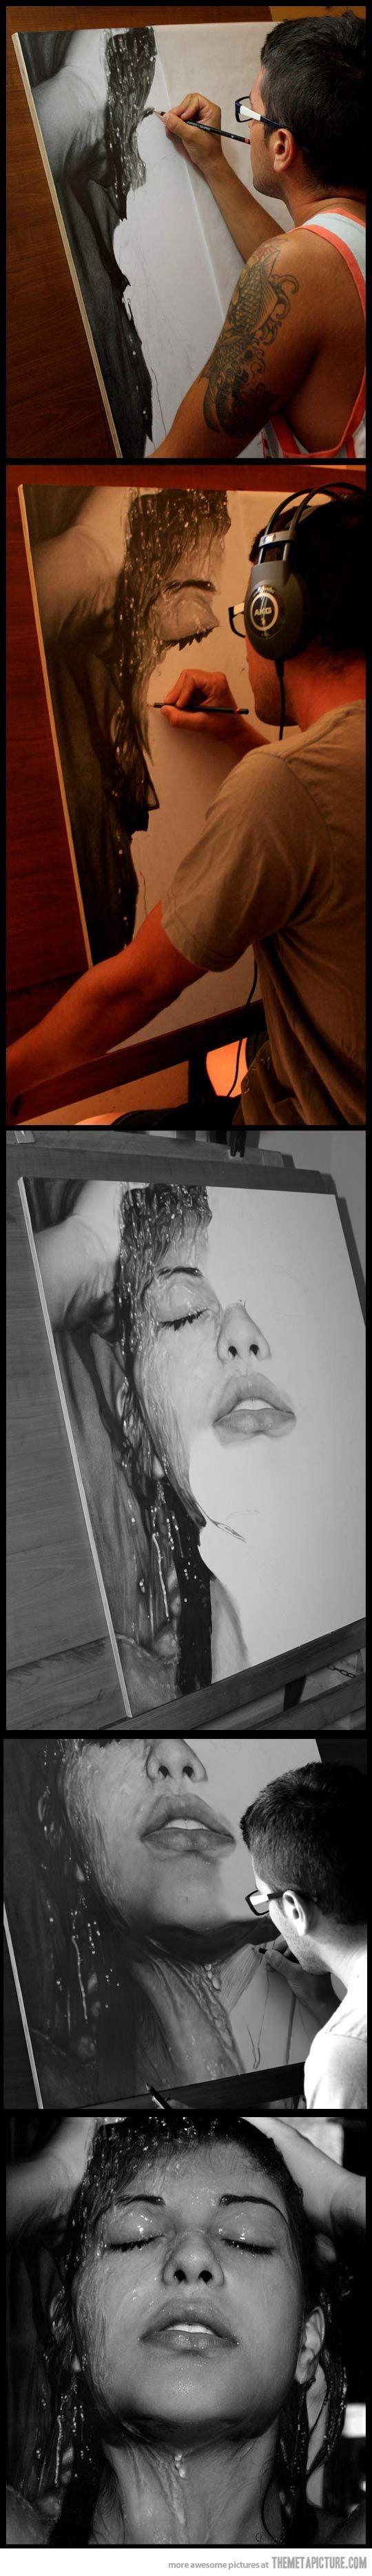 Desenhos inspiradores · photorealistic pencil drawing by diego fazio